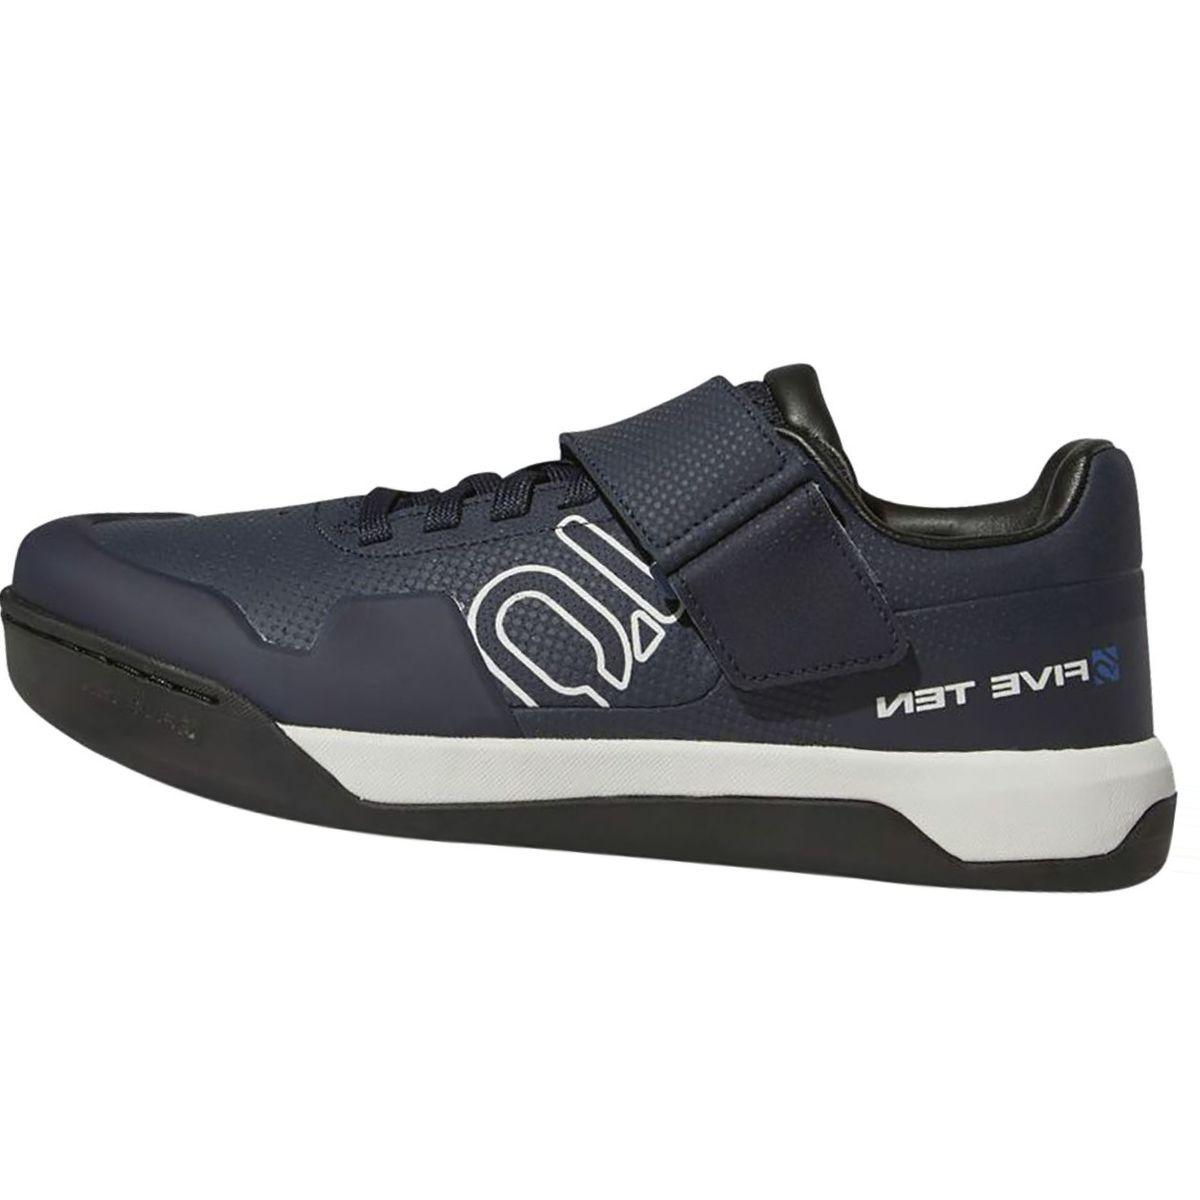 Five Ten Hellcat Pro Cycling Shoe - Men's